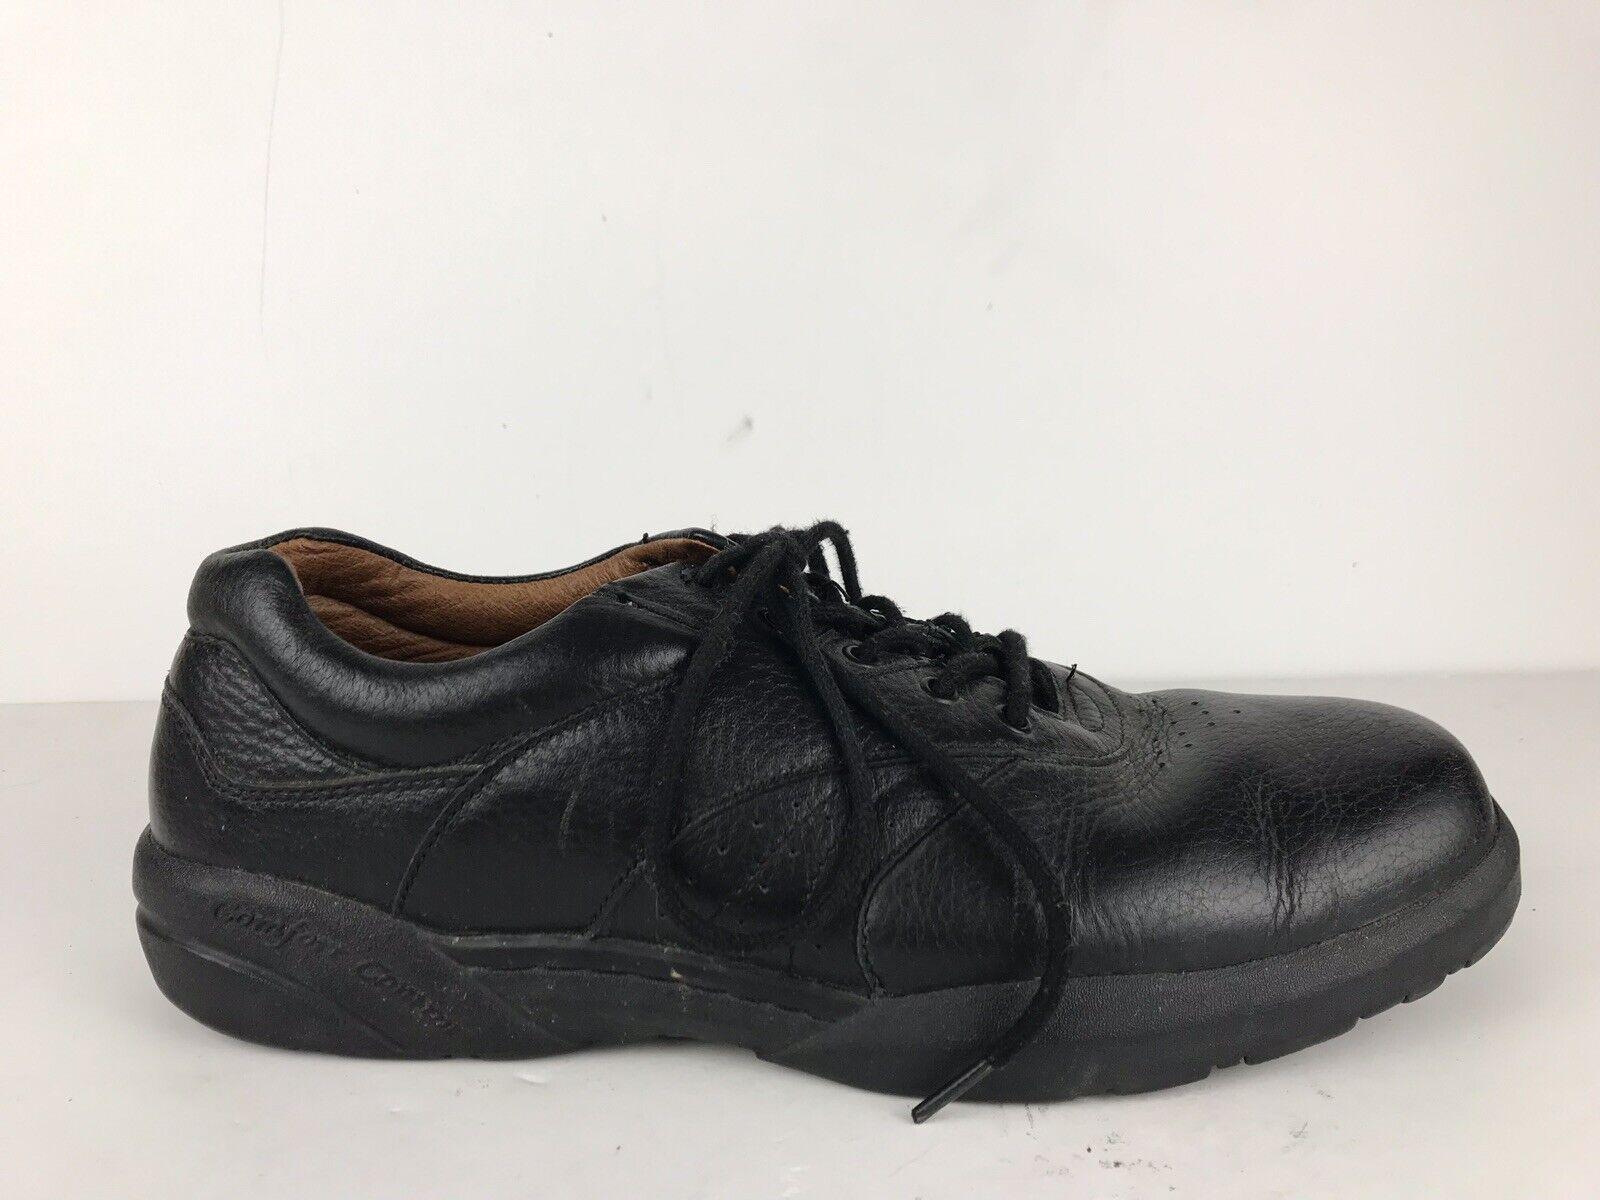 Dr. Comfort Mens David Black Leather Lace Up Diabetic shoes Men's 11.5 M